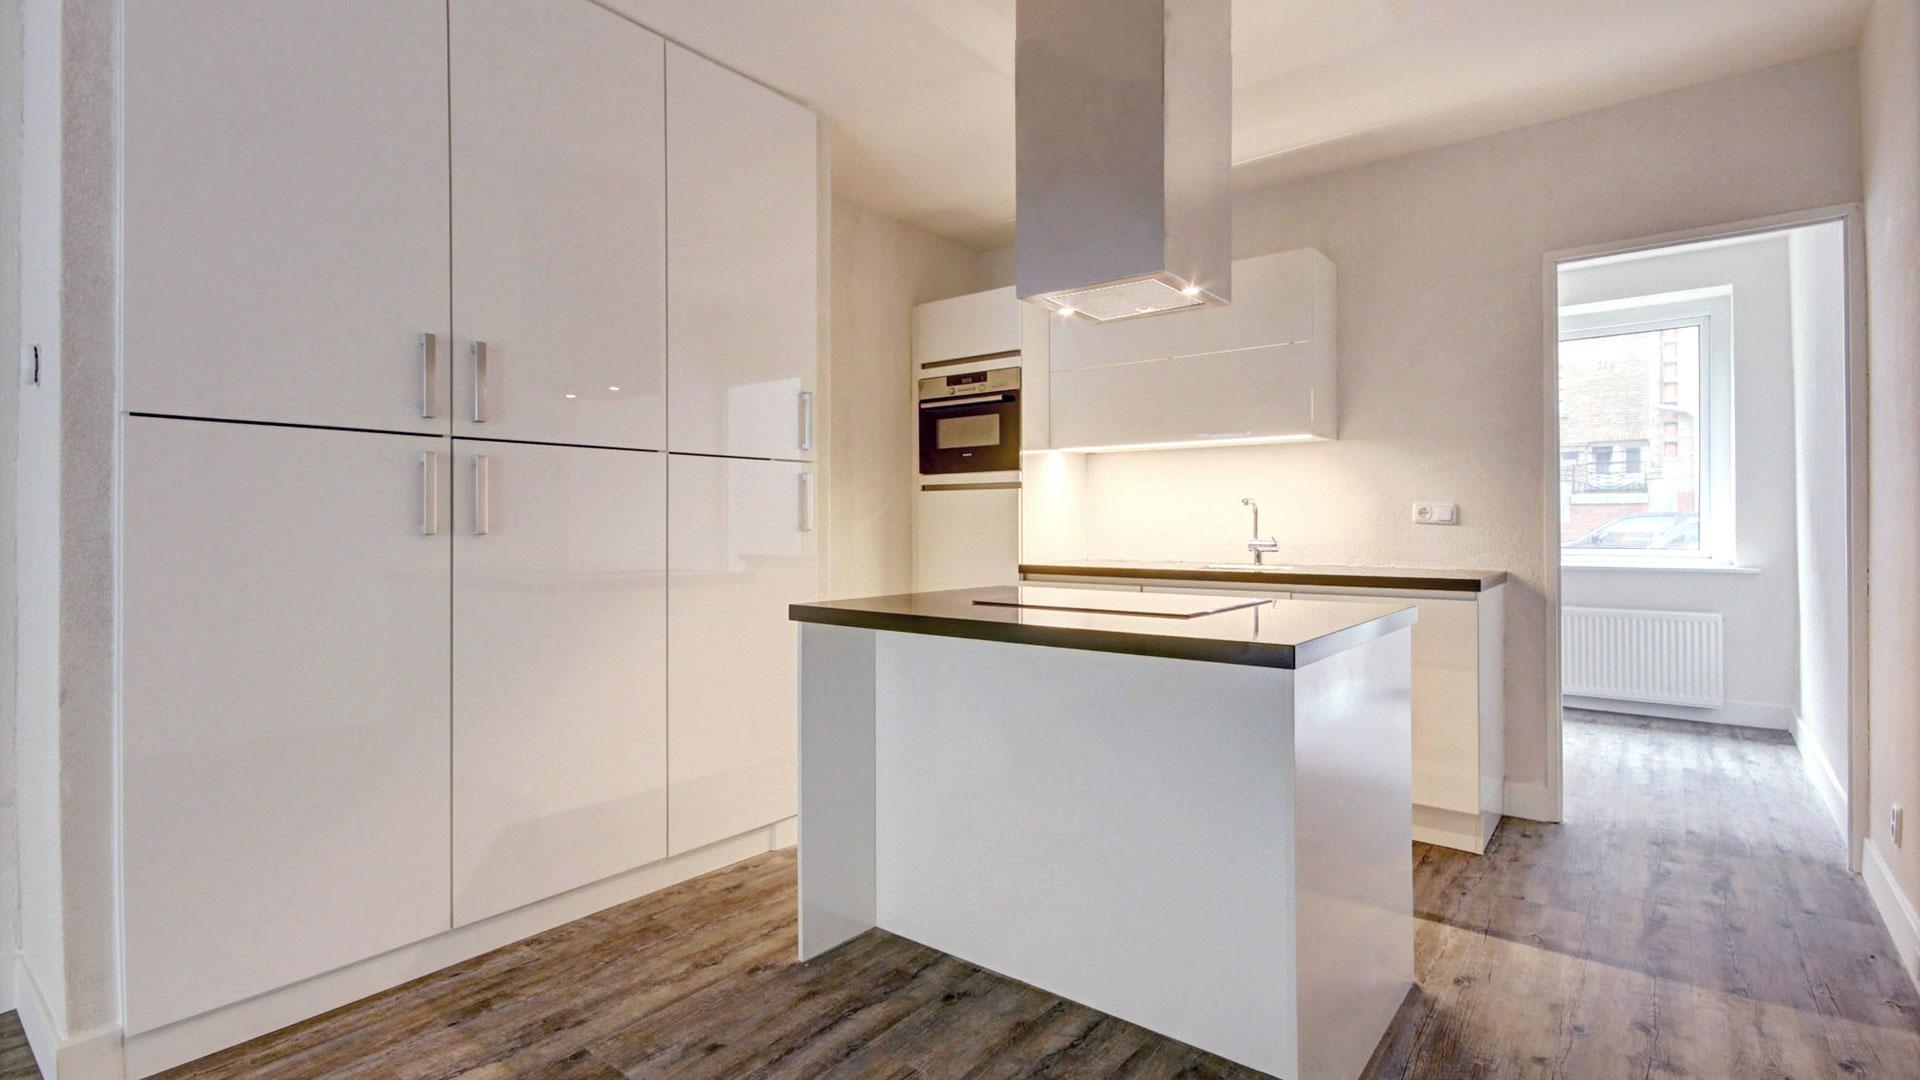 Keuken Met Dakraam : Keuken met kookeiland en inbouwkast jdrt bouw